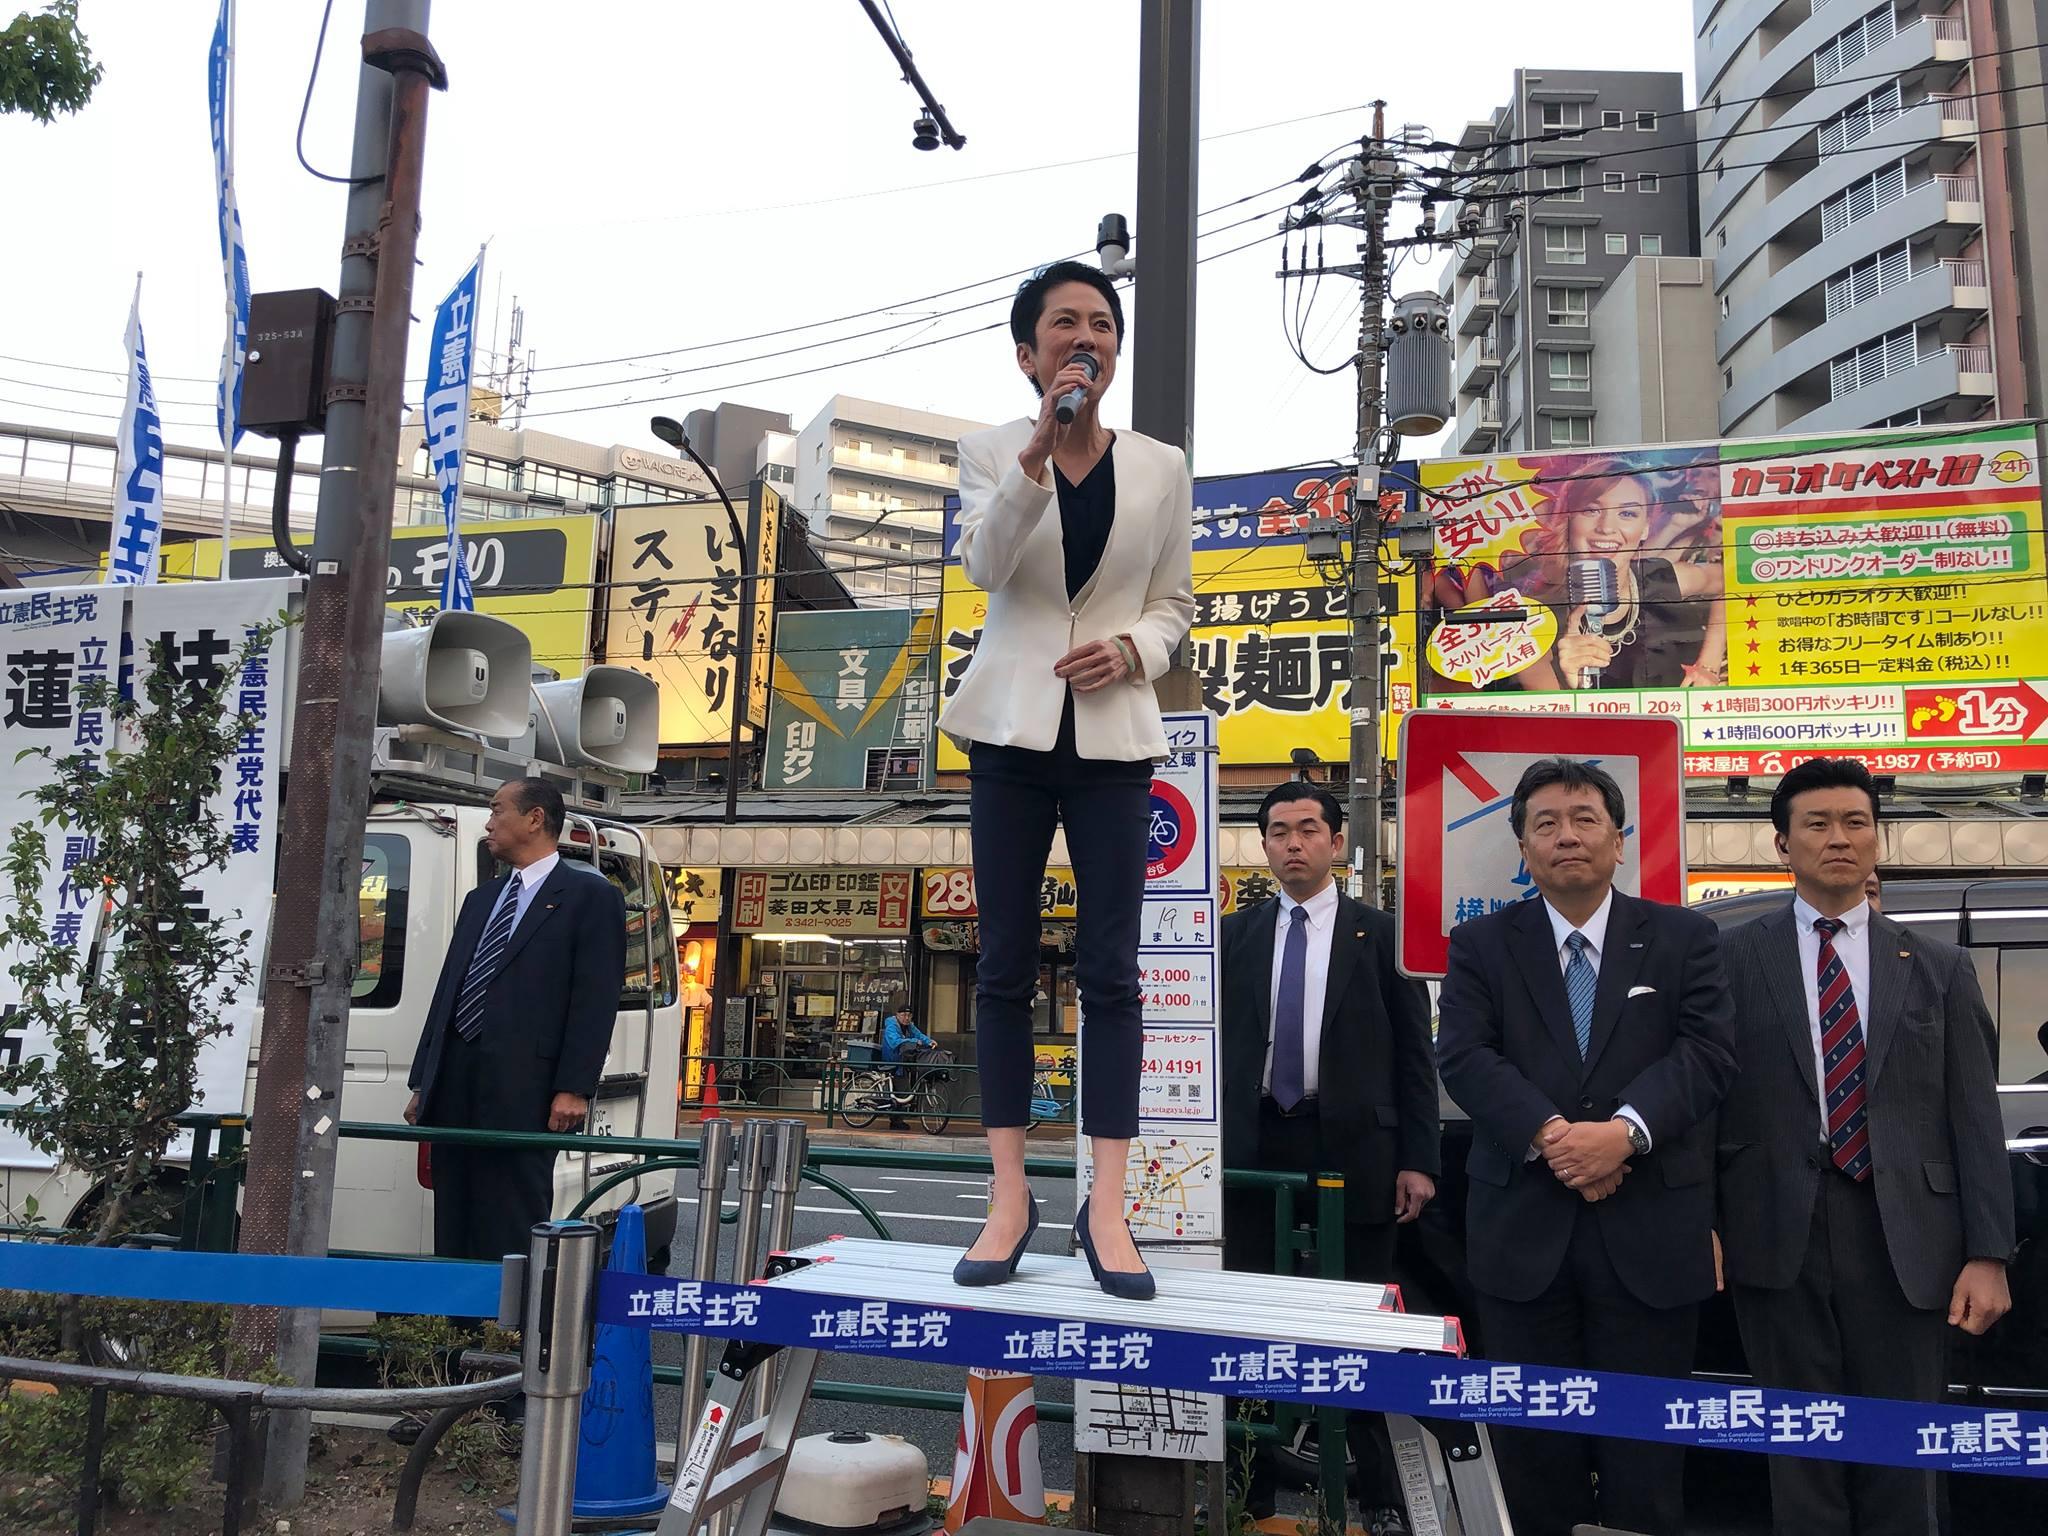 党街頭演説 三軒茶屋   蓮舫 Official Site